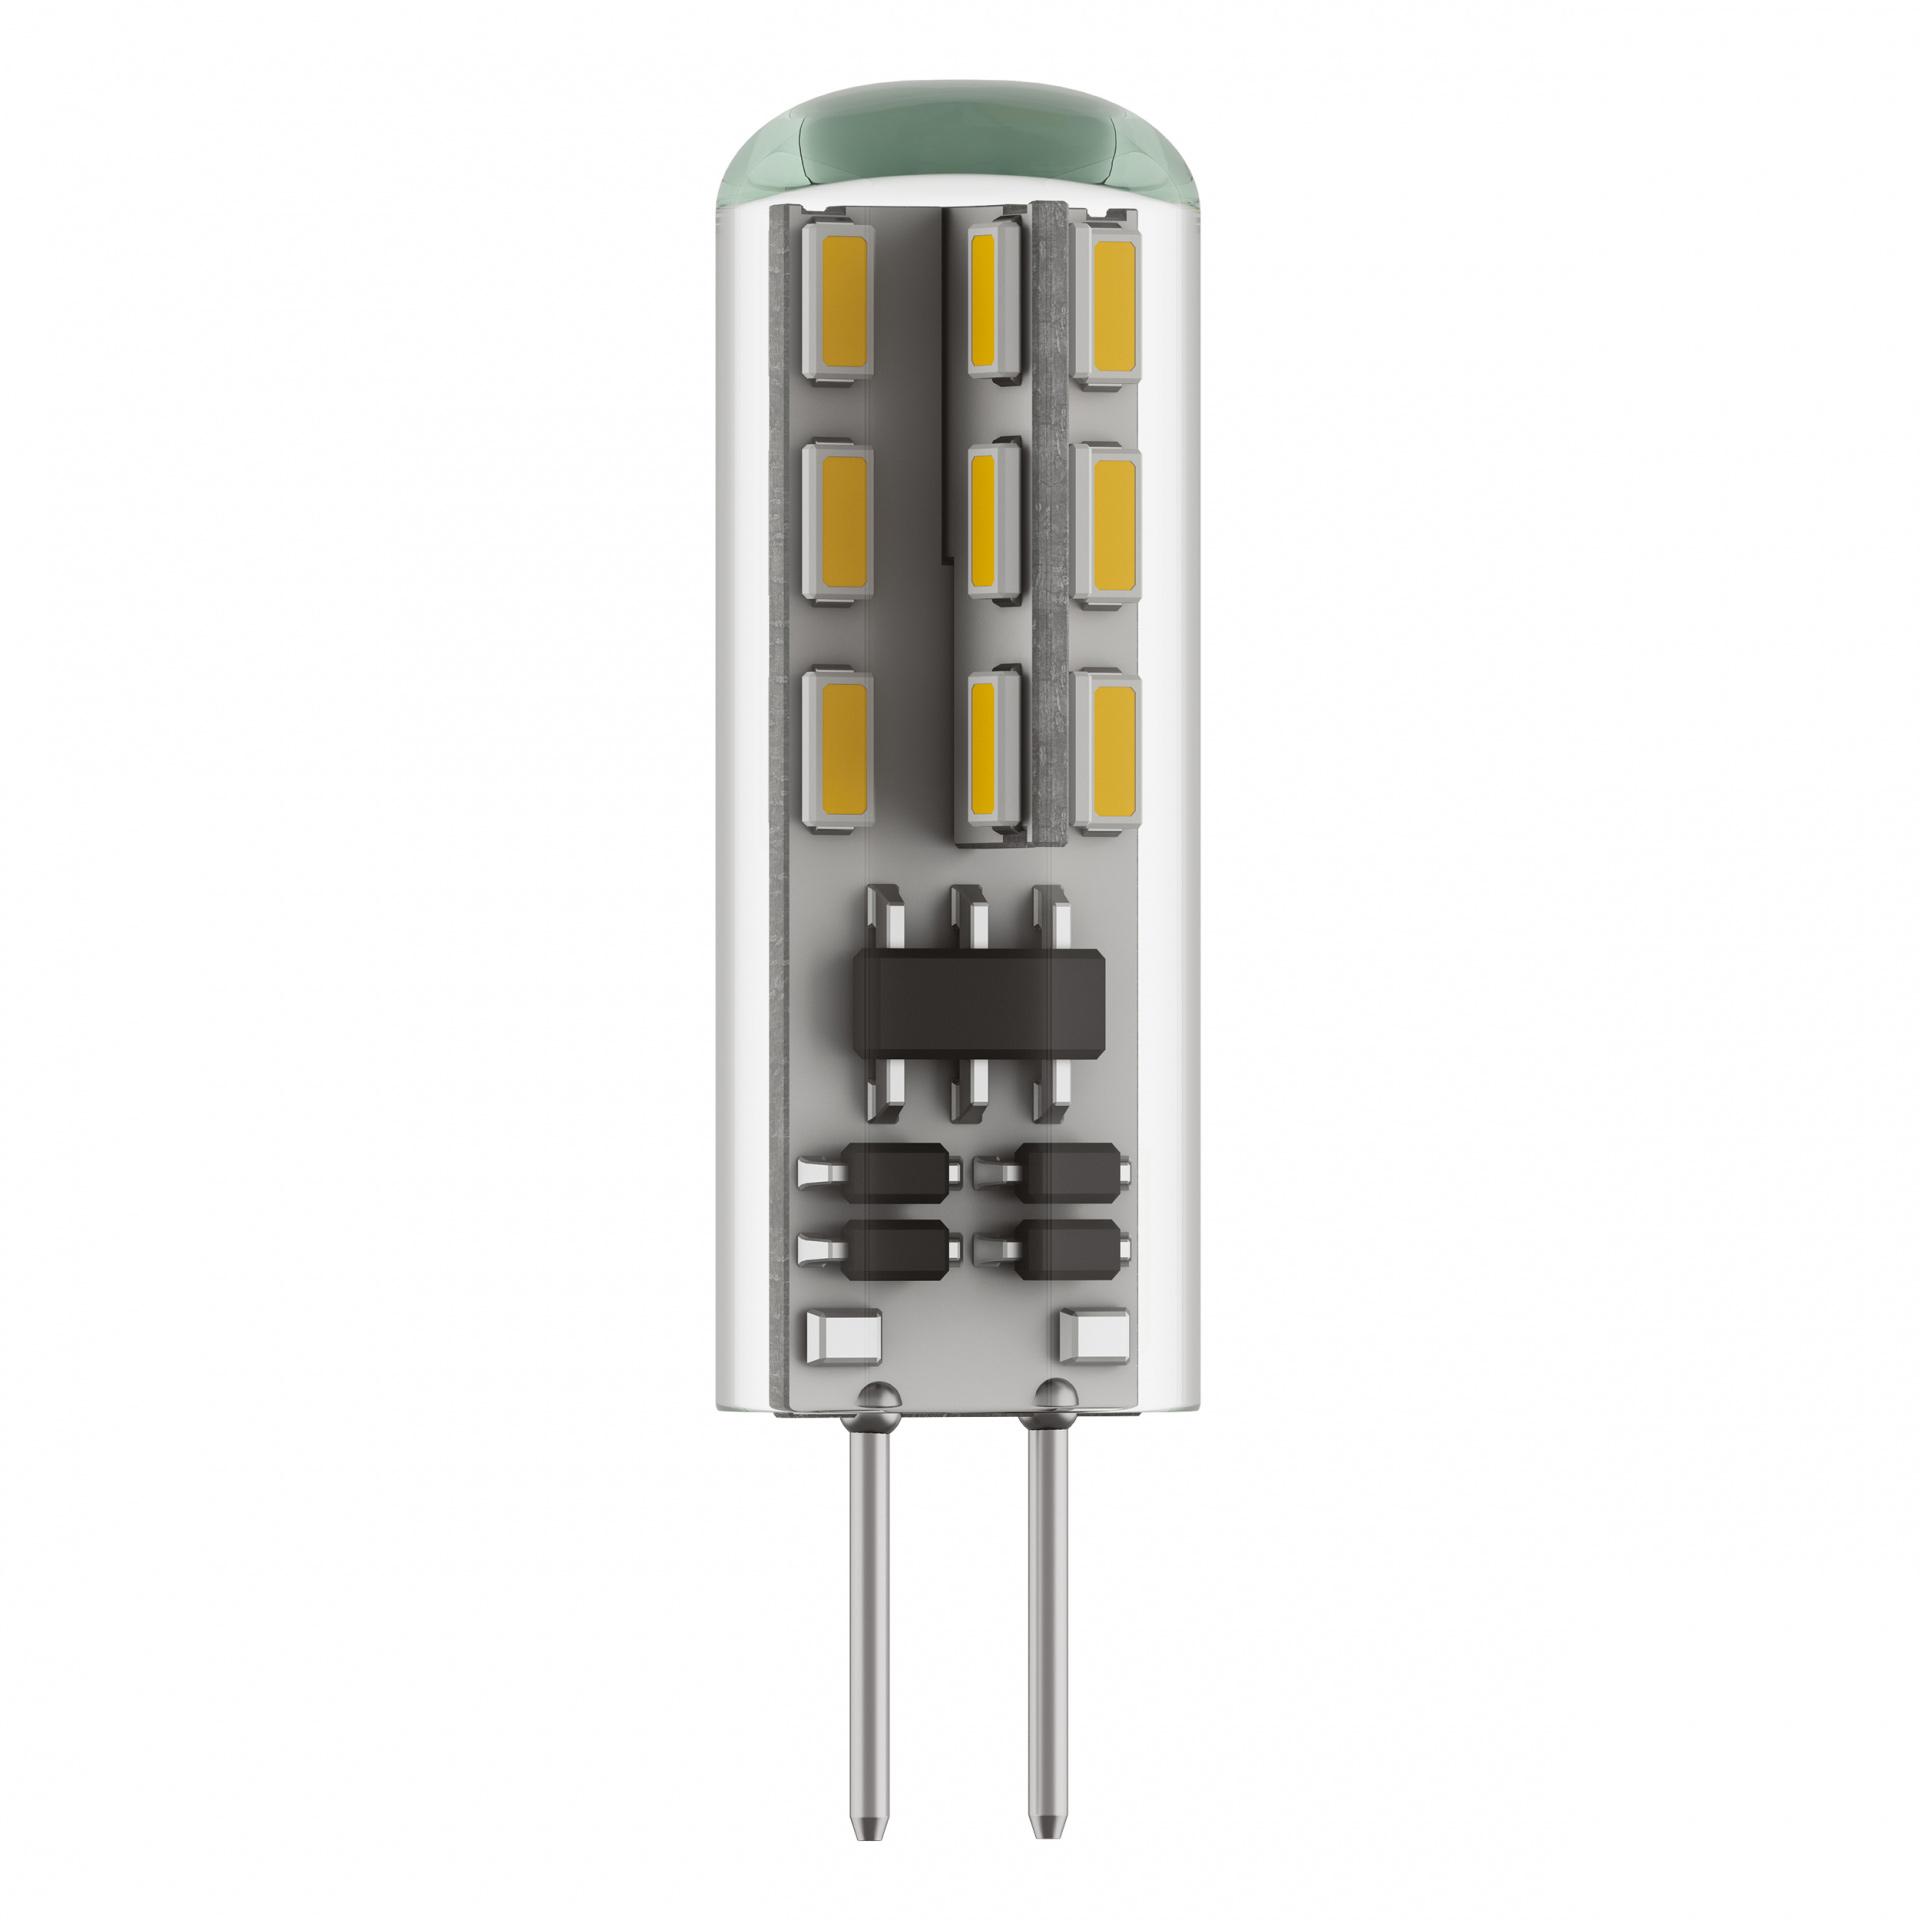 Лампа LED 12V JC G4 1.5W=15W 110LM 360G RA85 3000K 20000H Lightstar 932502, купить в СПб, Москве, с доставкой, Санкт-Петербург, интернет-магазин люстр и светильников Starlight, фото в жизни